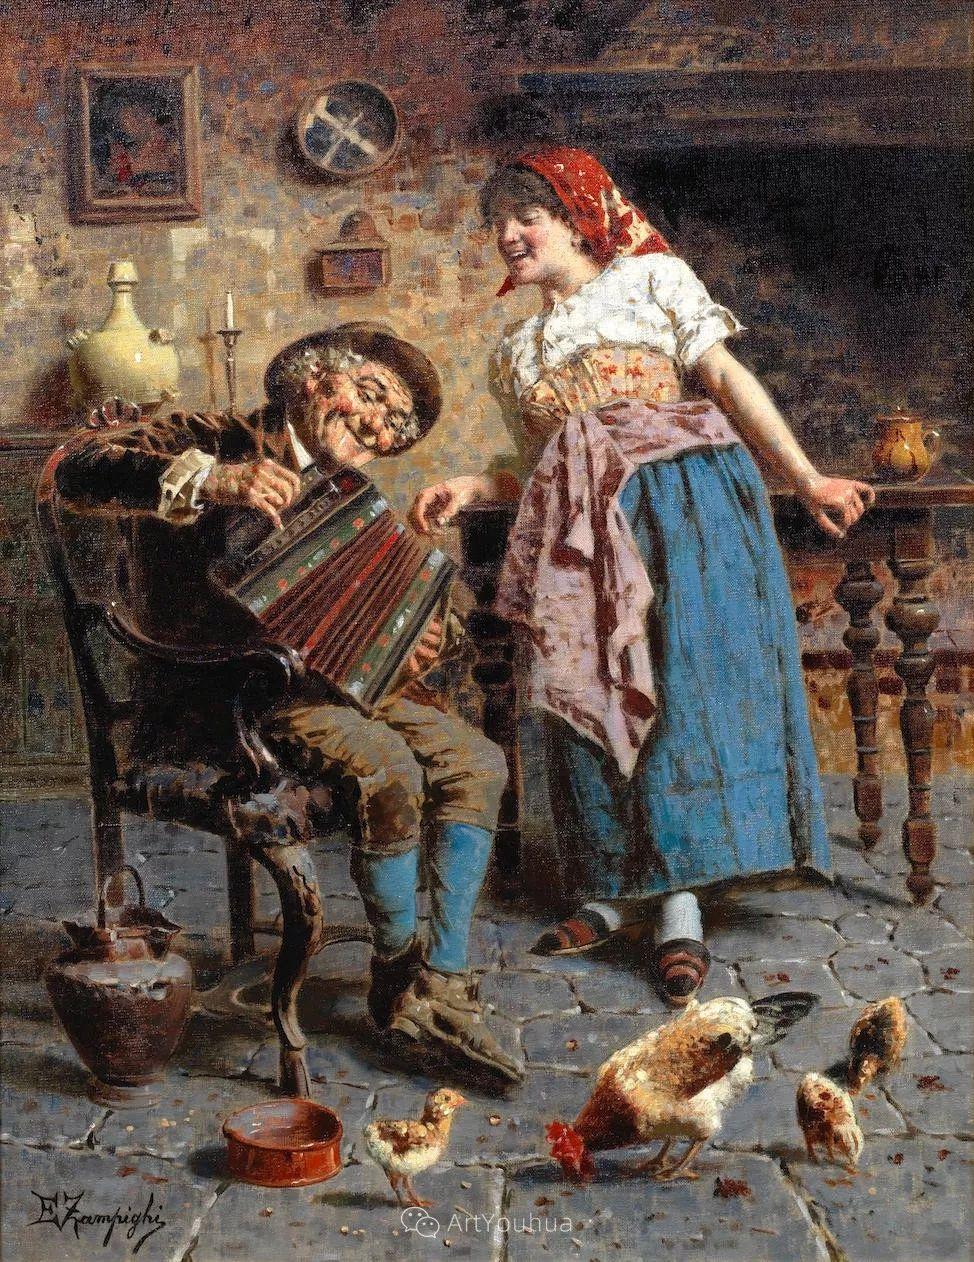 他把普通人的生活,画得如此欢乐、温馨、幸福,意大利画家Eugenio Zampighi插图11